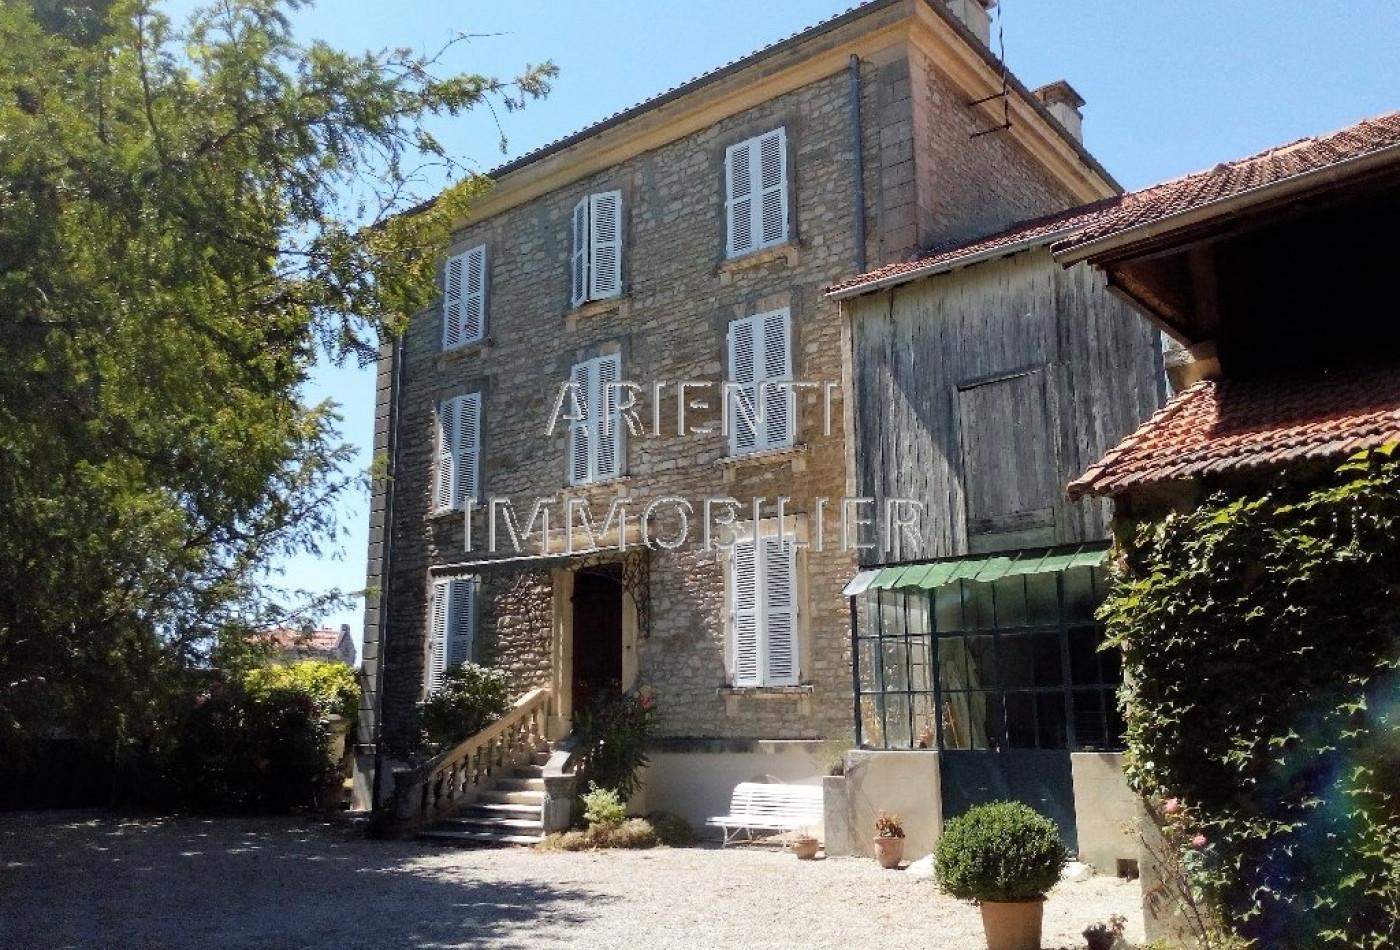 vente maison bourgeoise valreas, 270m² 12 pièces 340 000€